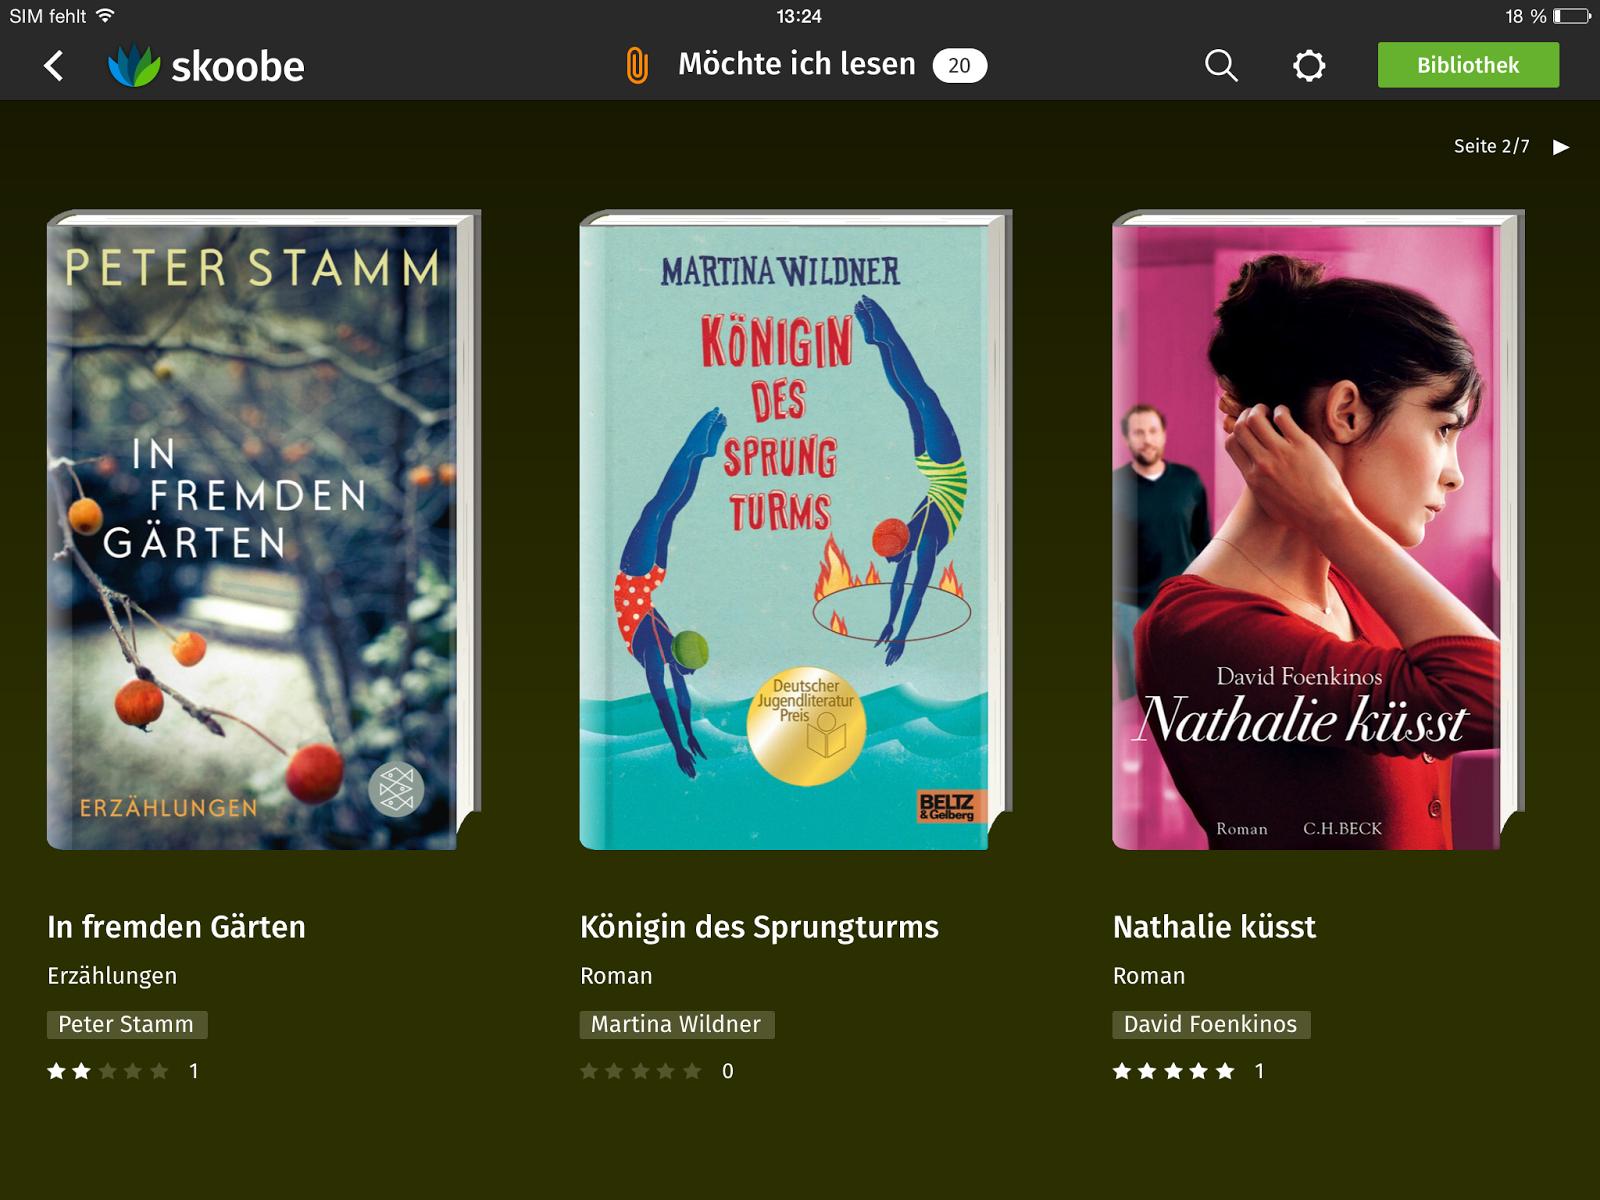 https://www.skoobe.de/books/diese-woche-neu